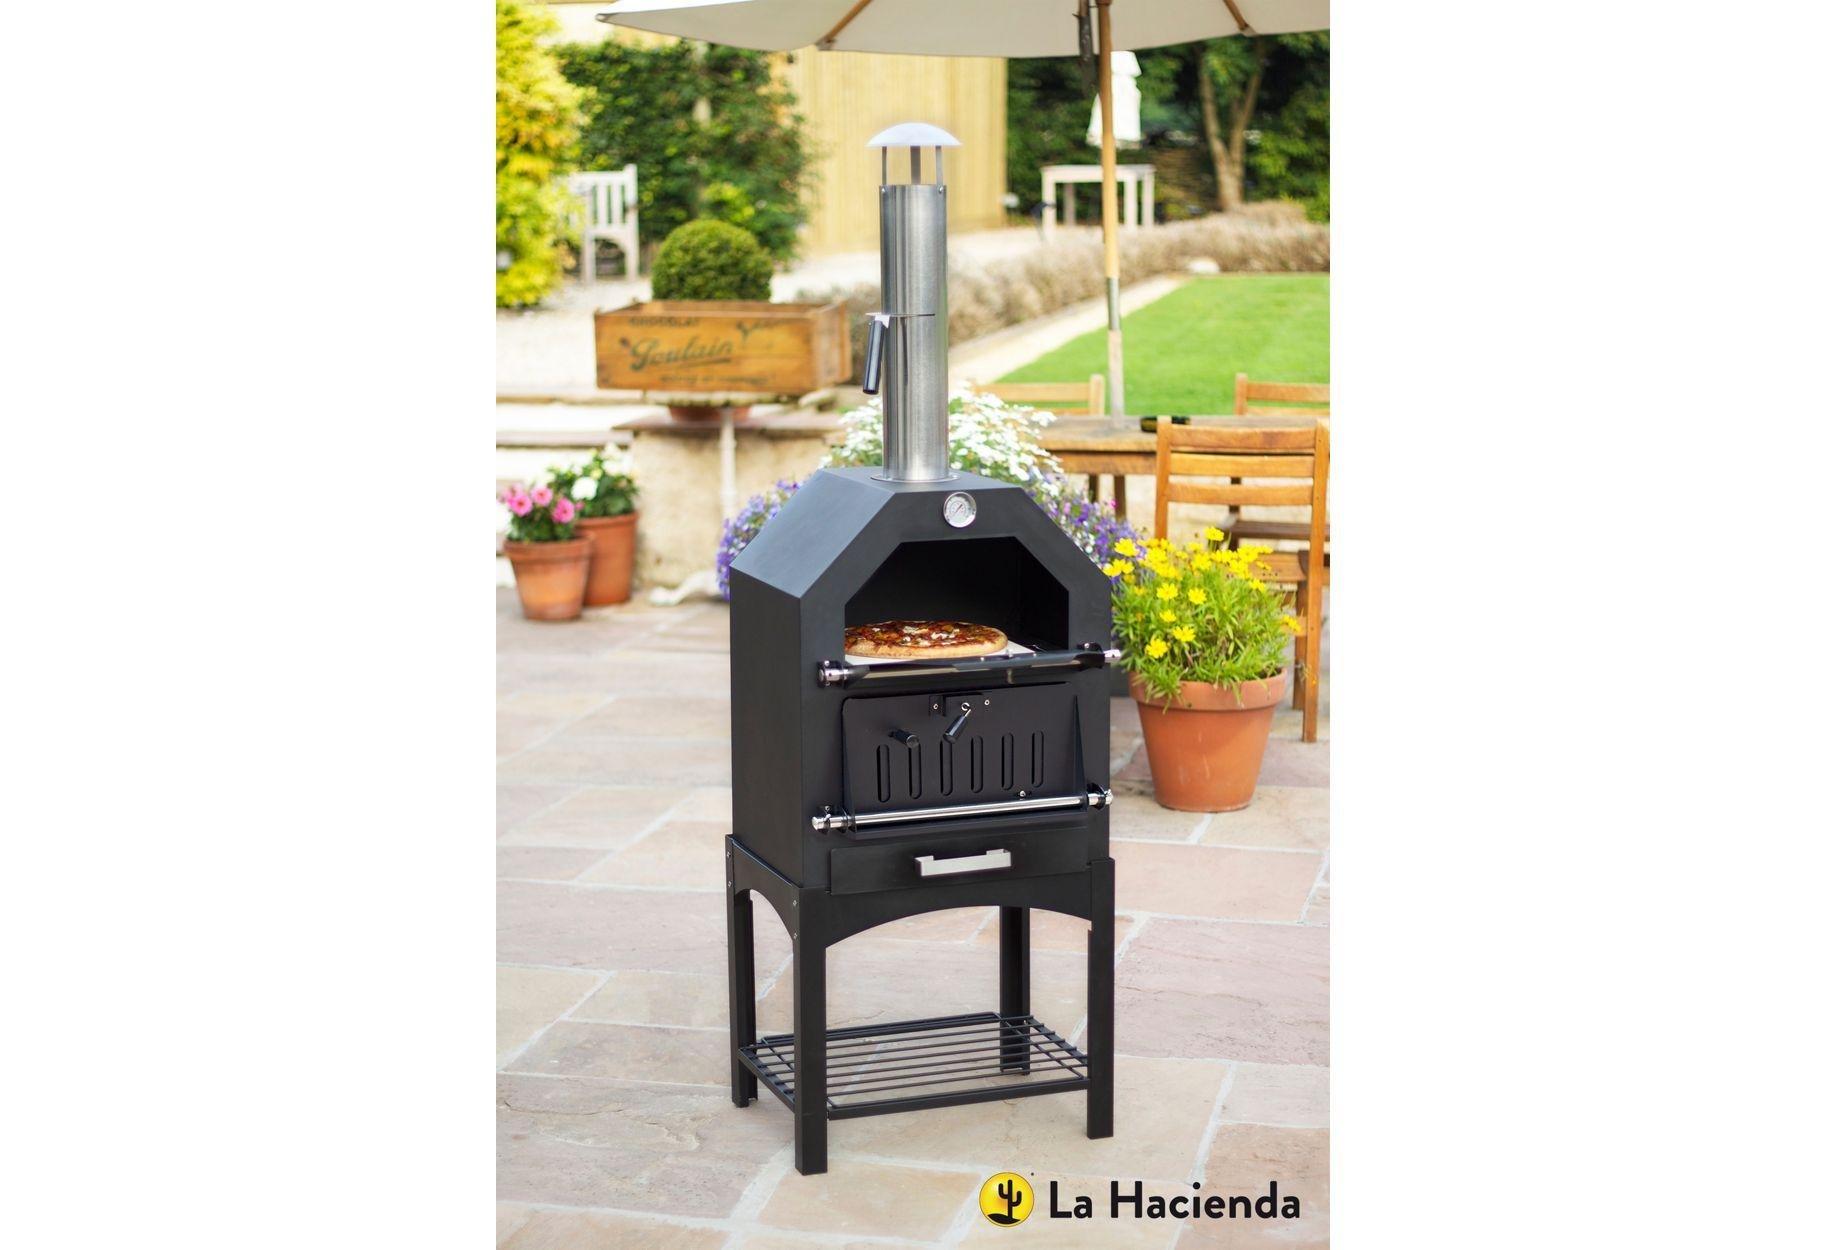 La Hacienda Steel Multi-Function Pizza Oven